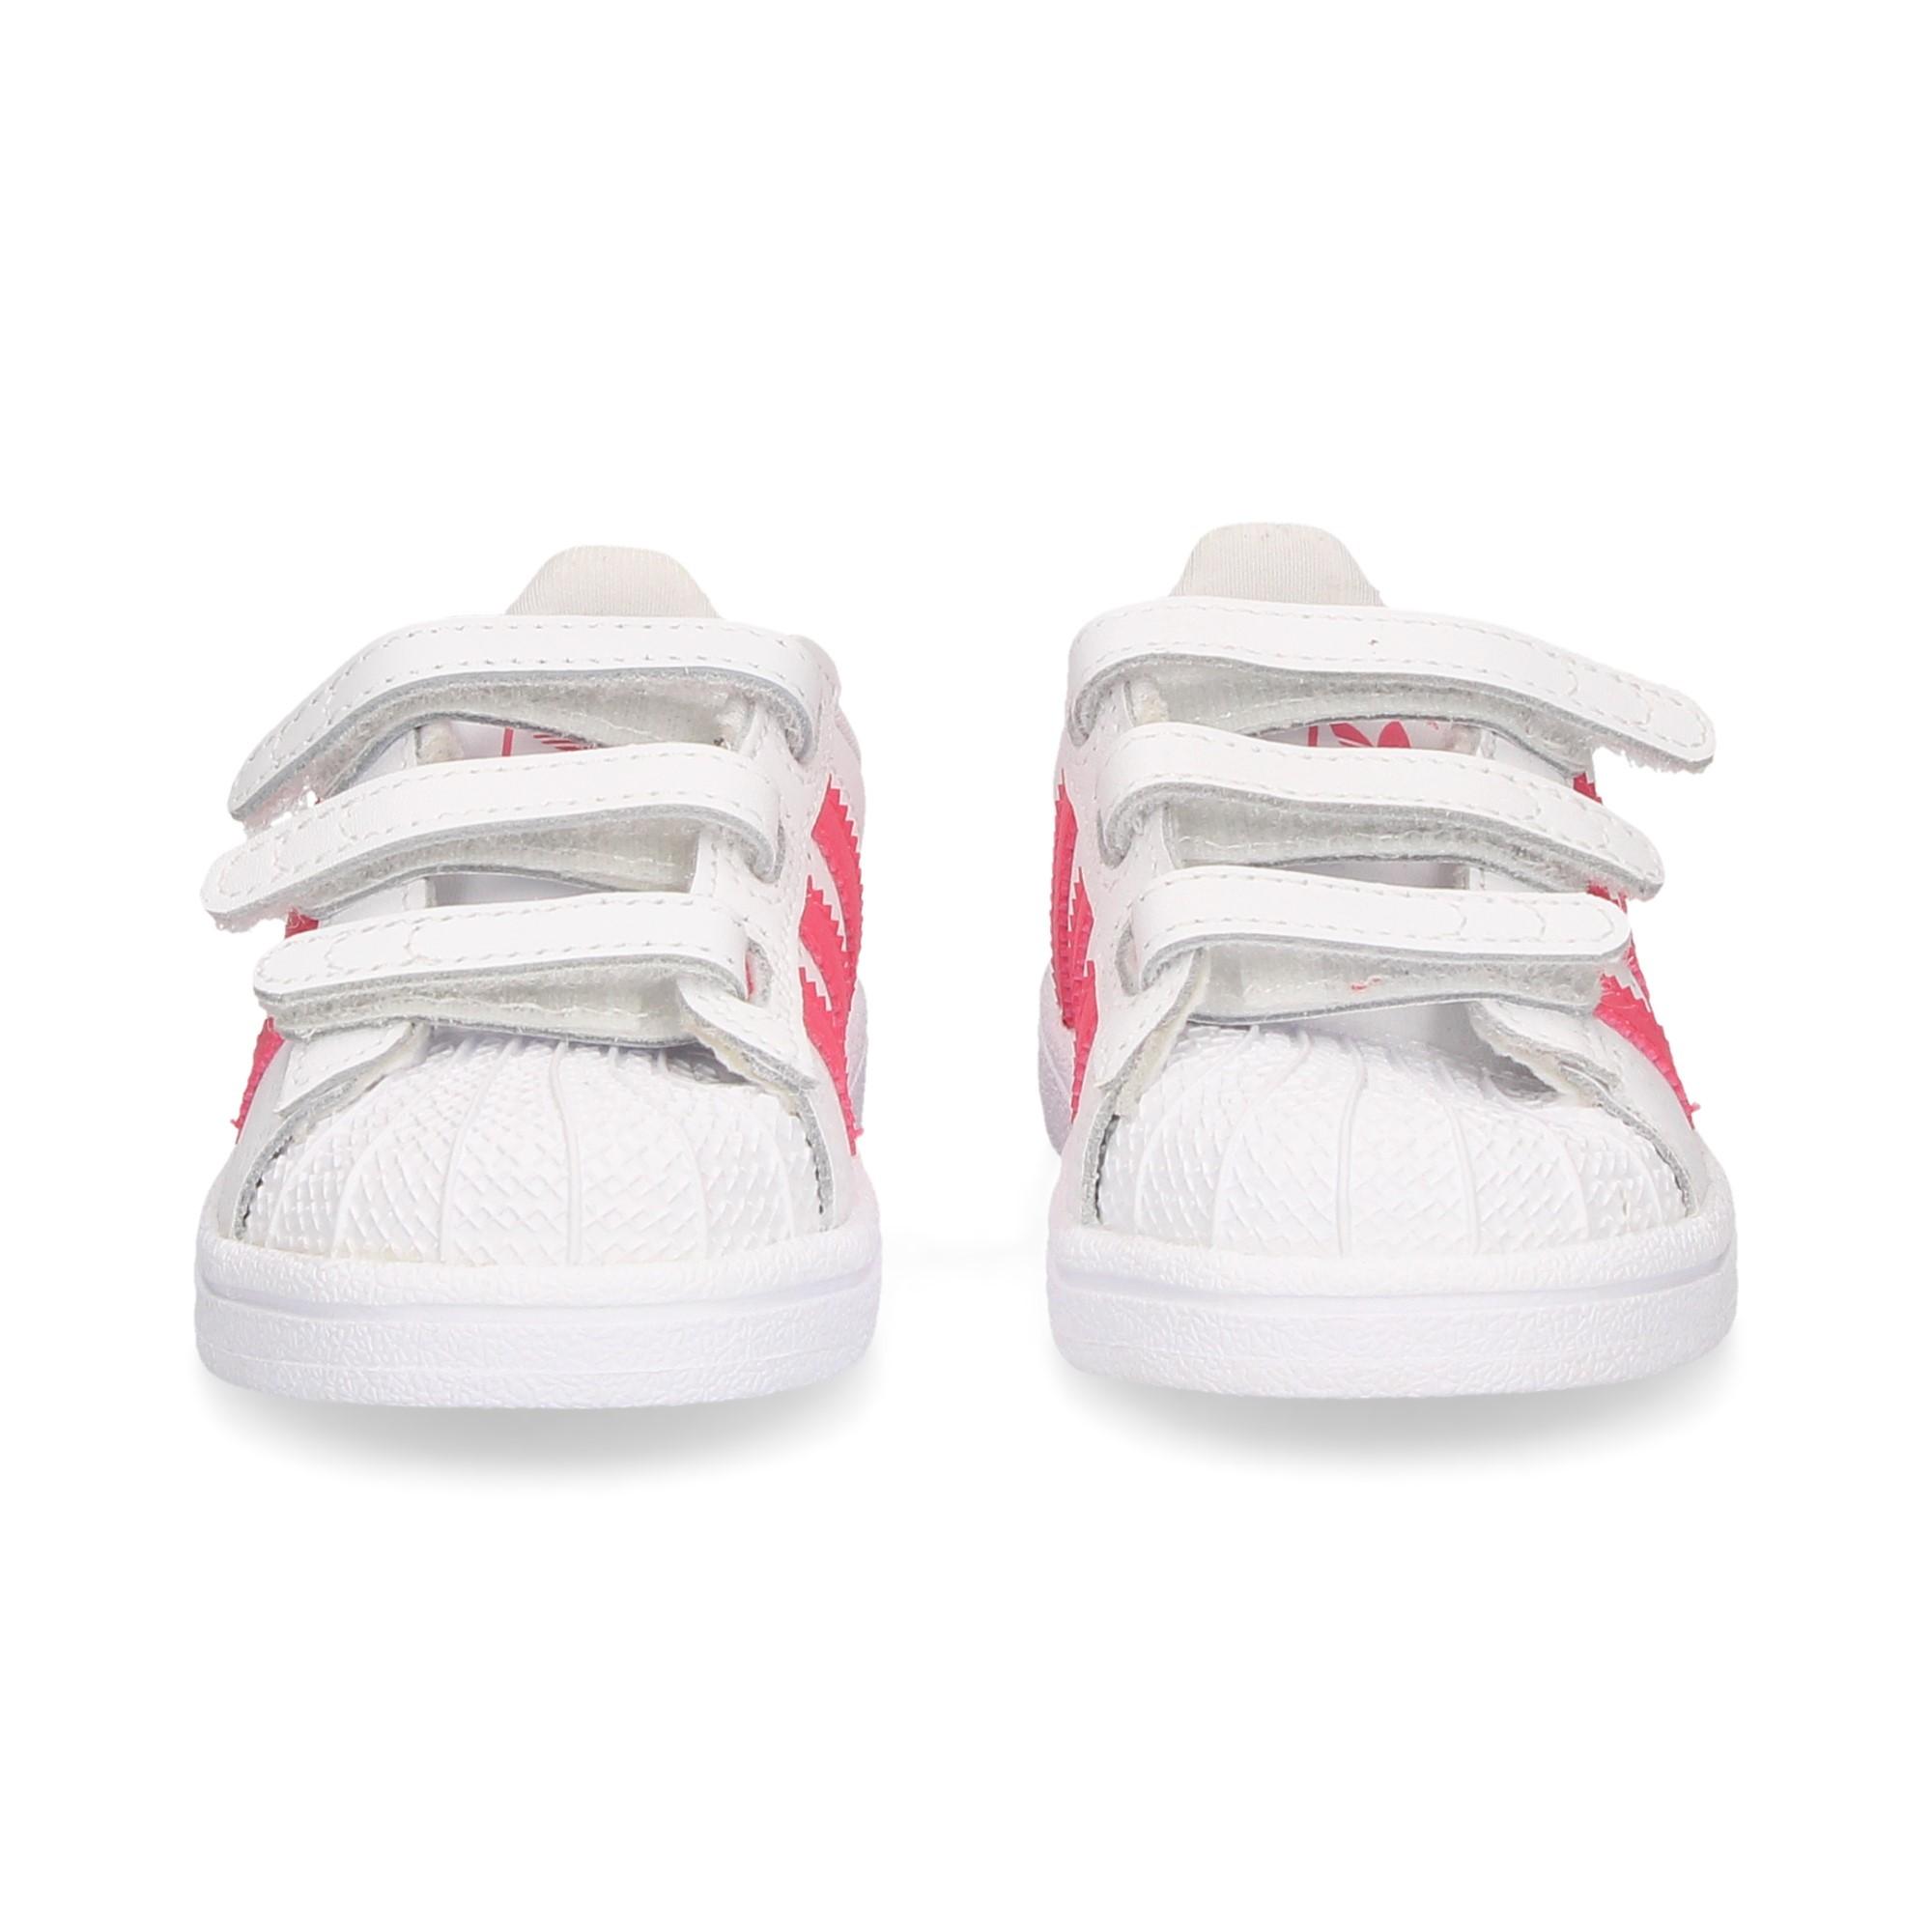 3-bandas-3-velcros-blanco-rosa